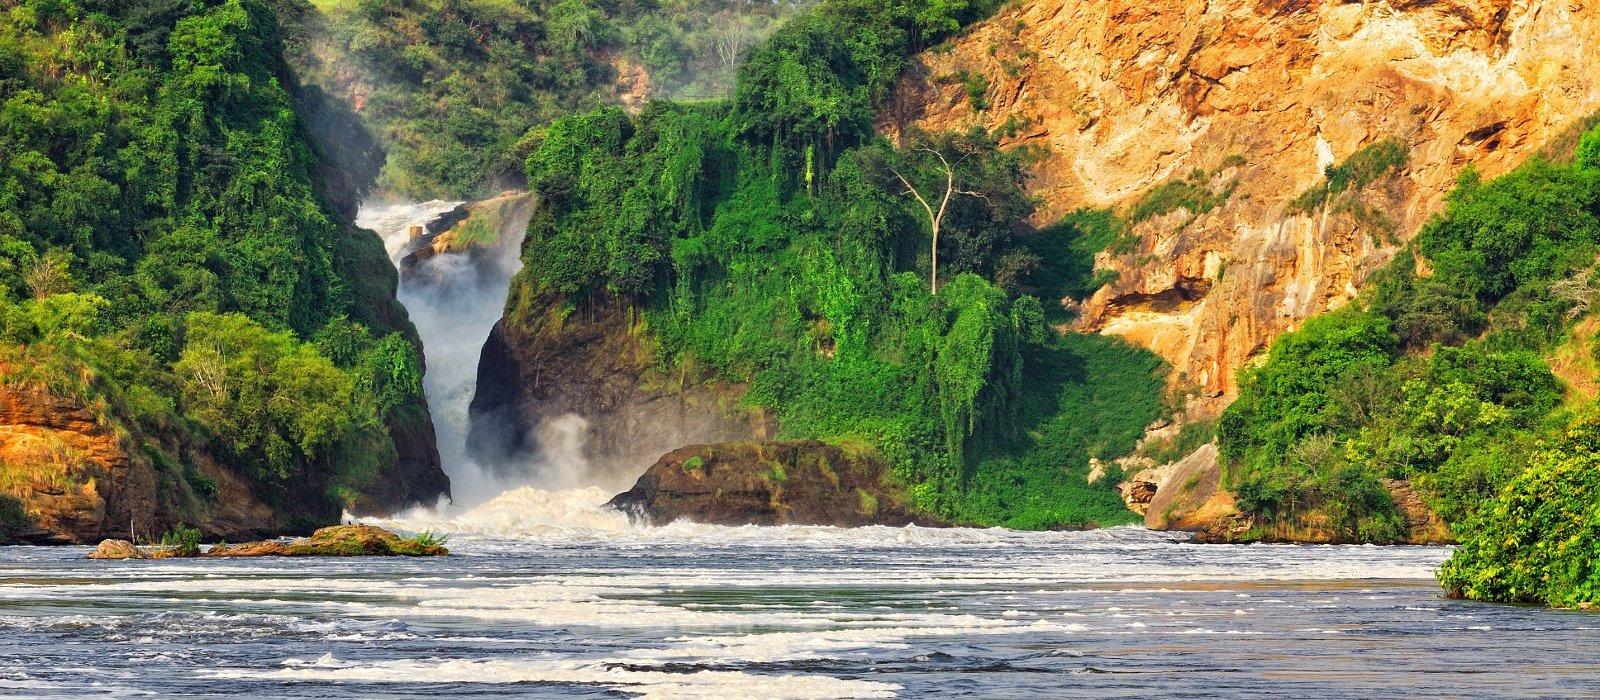 Destination Uganda Safari - Murchison Falls